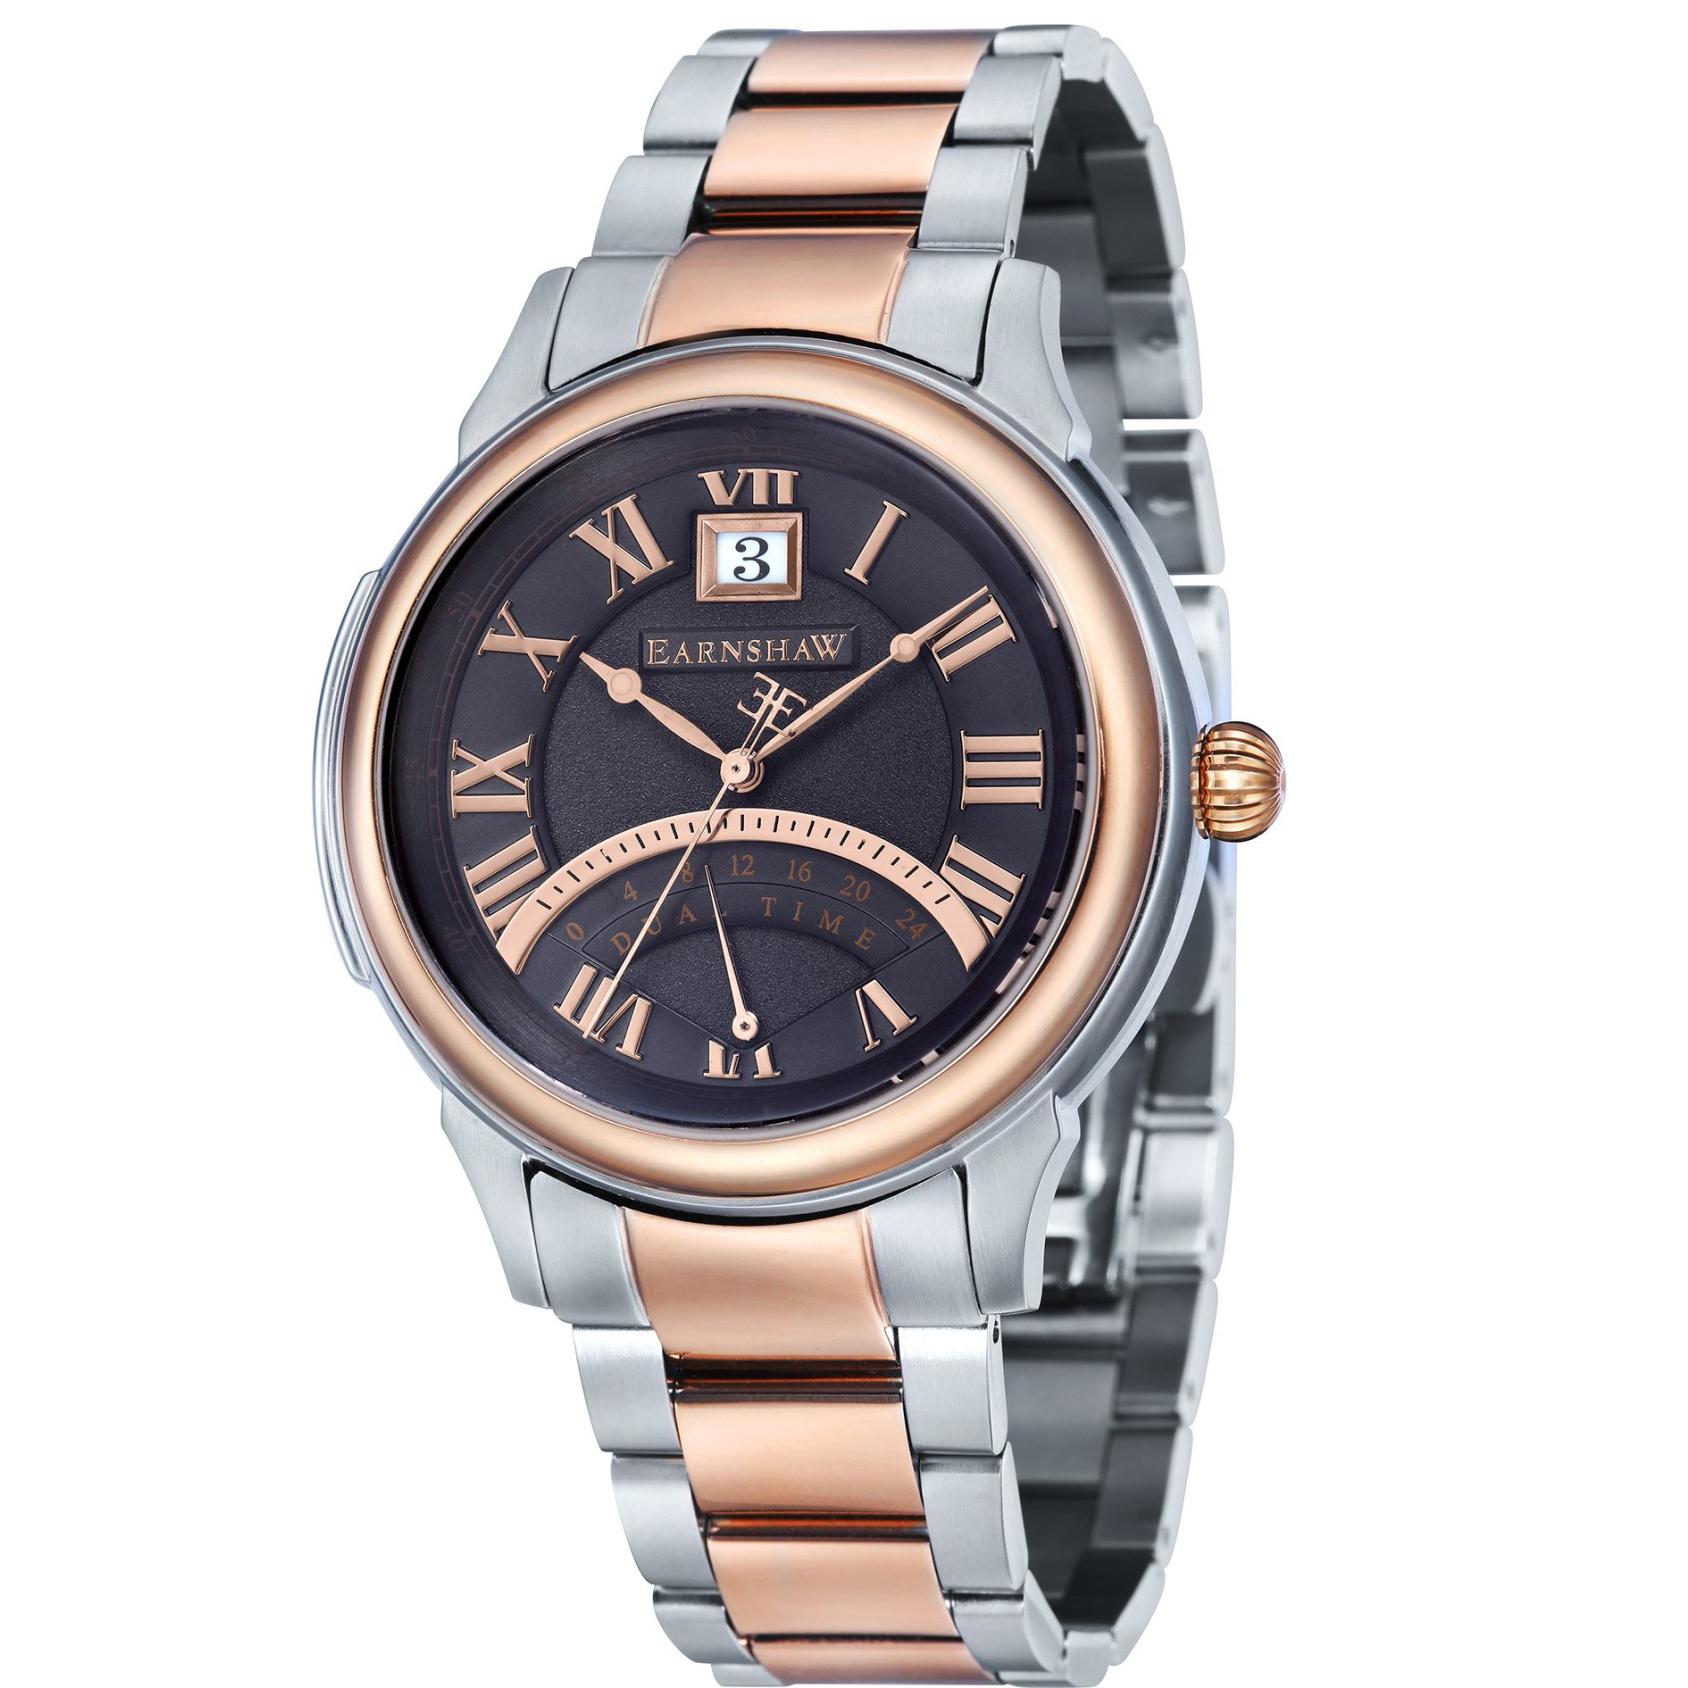 ساعت مچی عقربه ای مردانه ارنشا مدل ES-8050-22 49